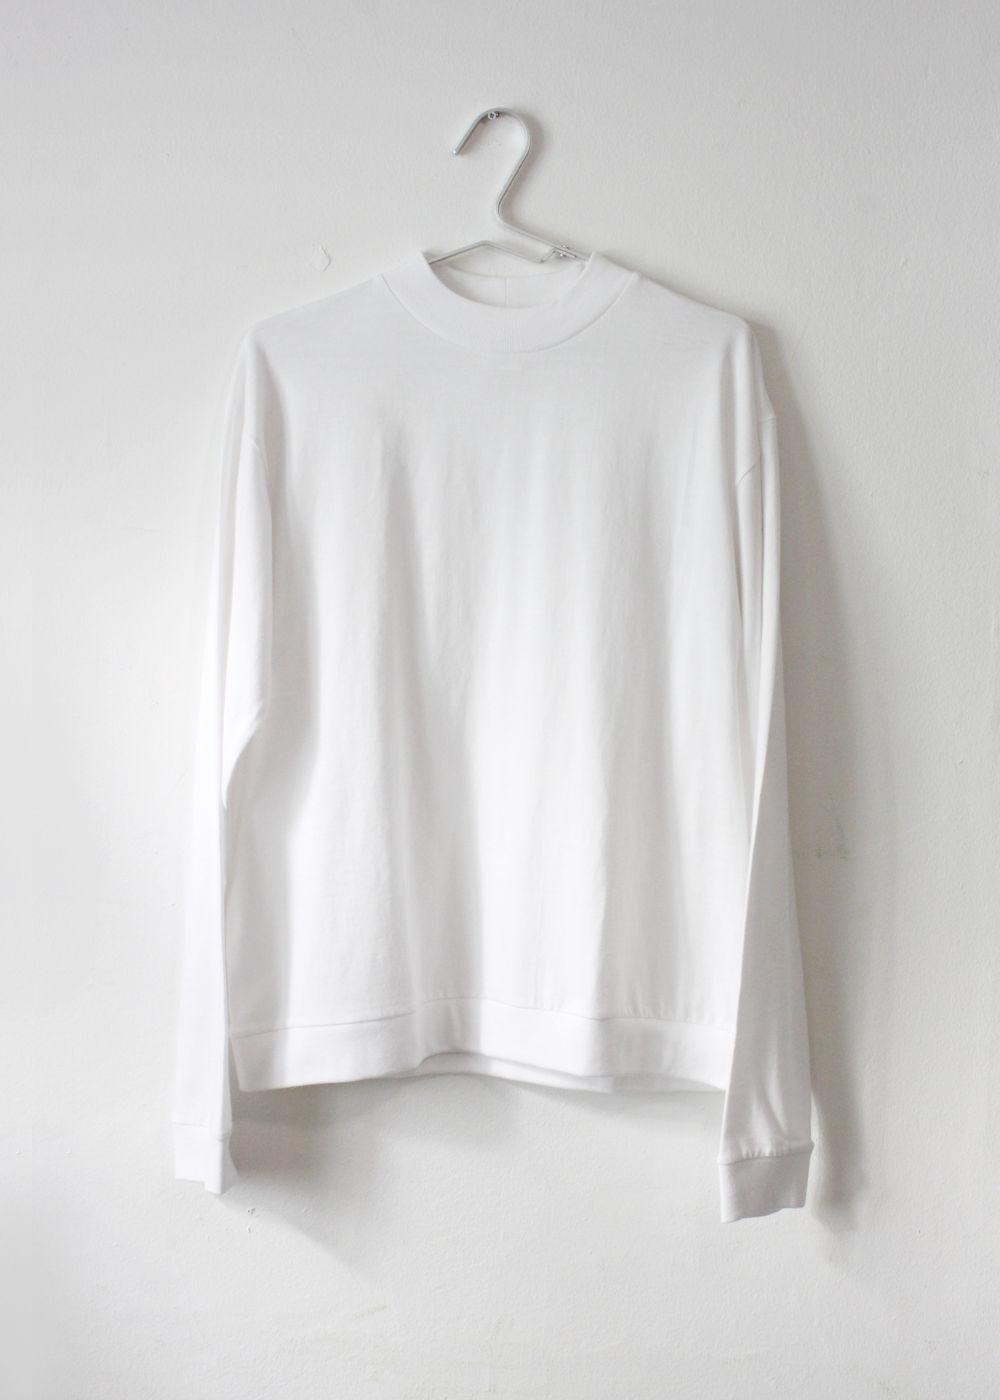 CTheHadagi-High-Neck-Long-Sleeve-T-shirts-White